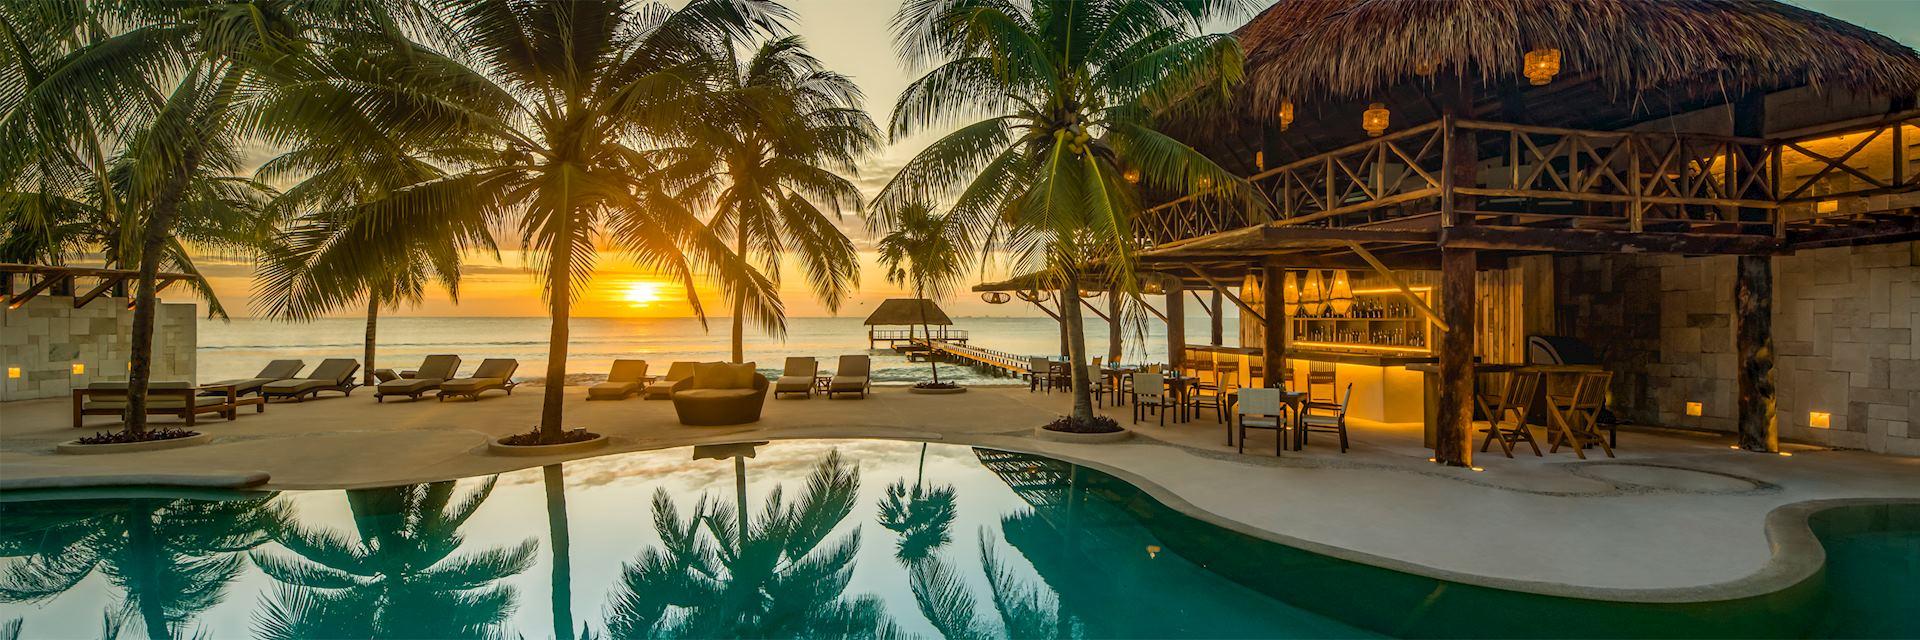 Viceroy, Mayan Riviera